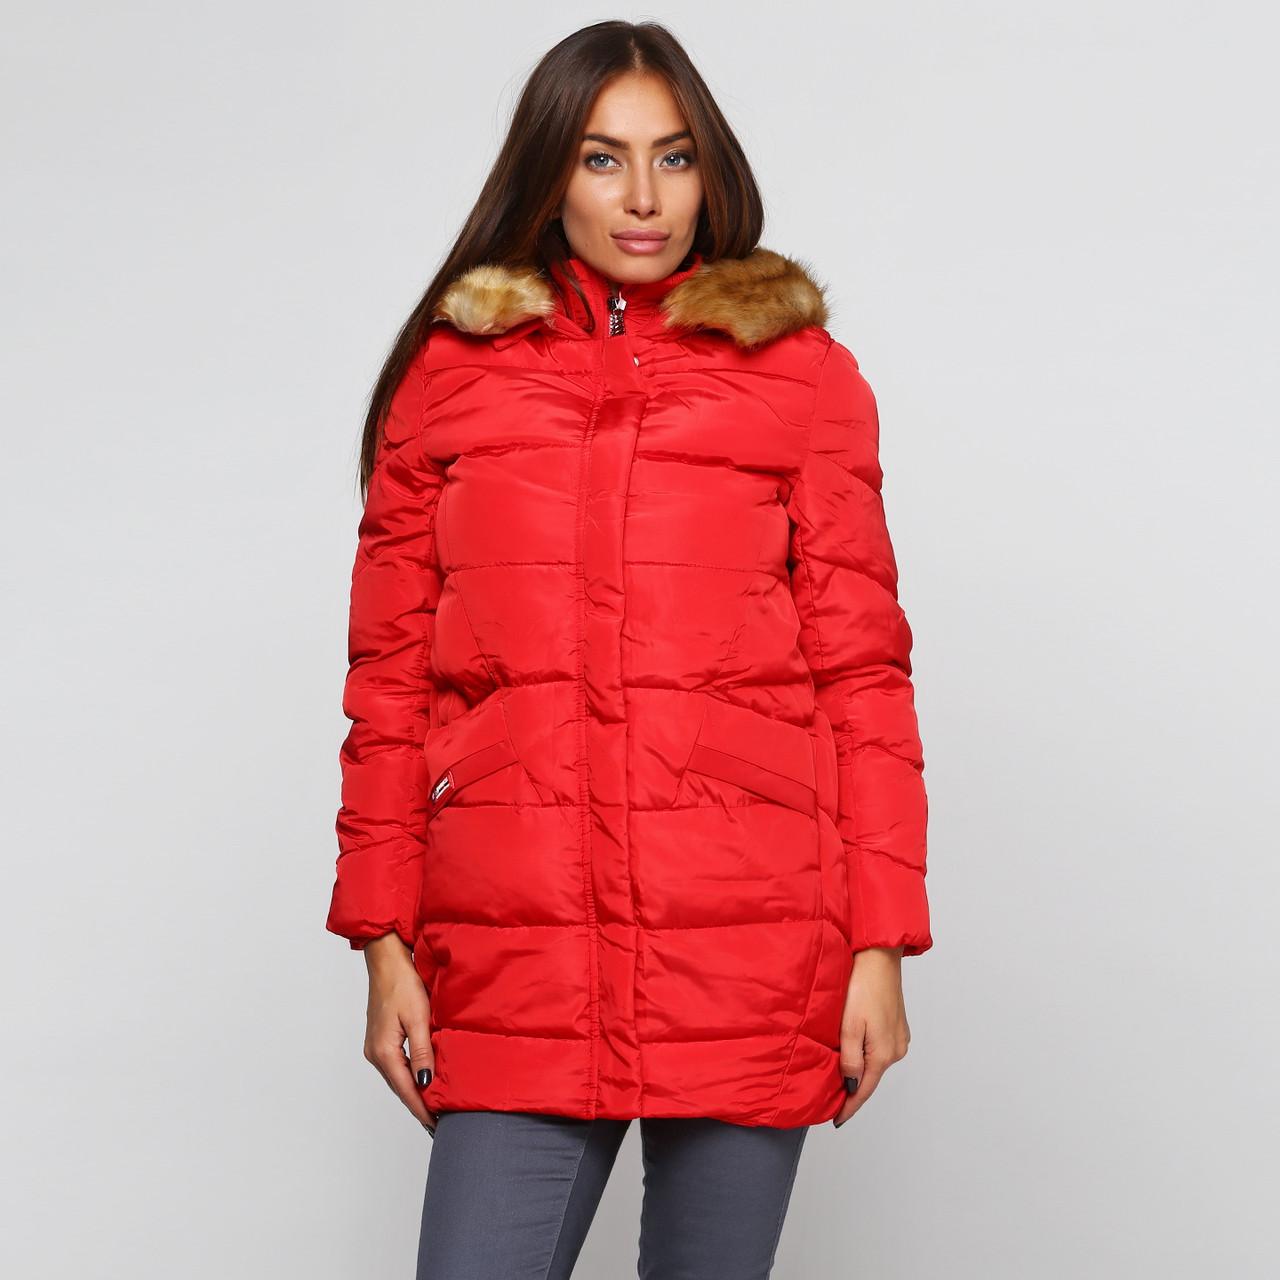 Куртка зимняя женская короткая, красный пуховик СС-7811-35